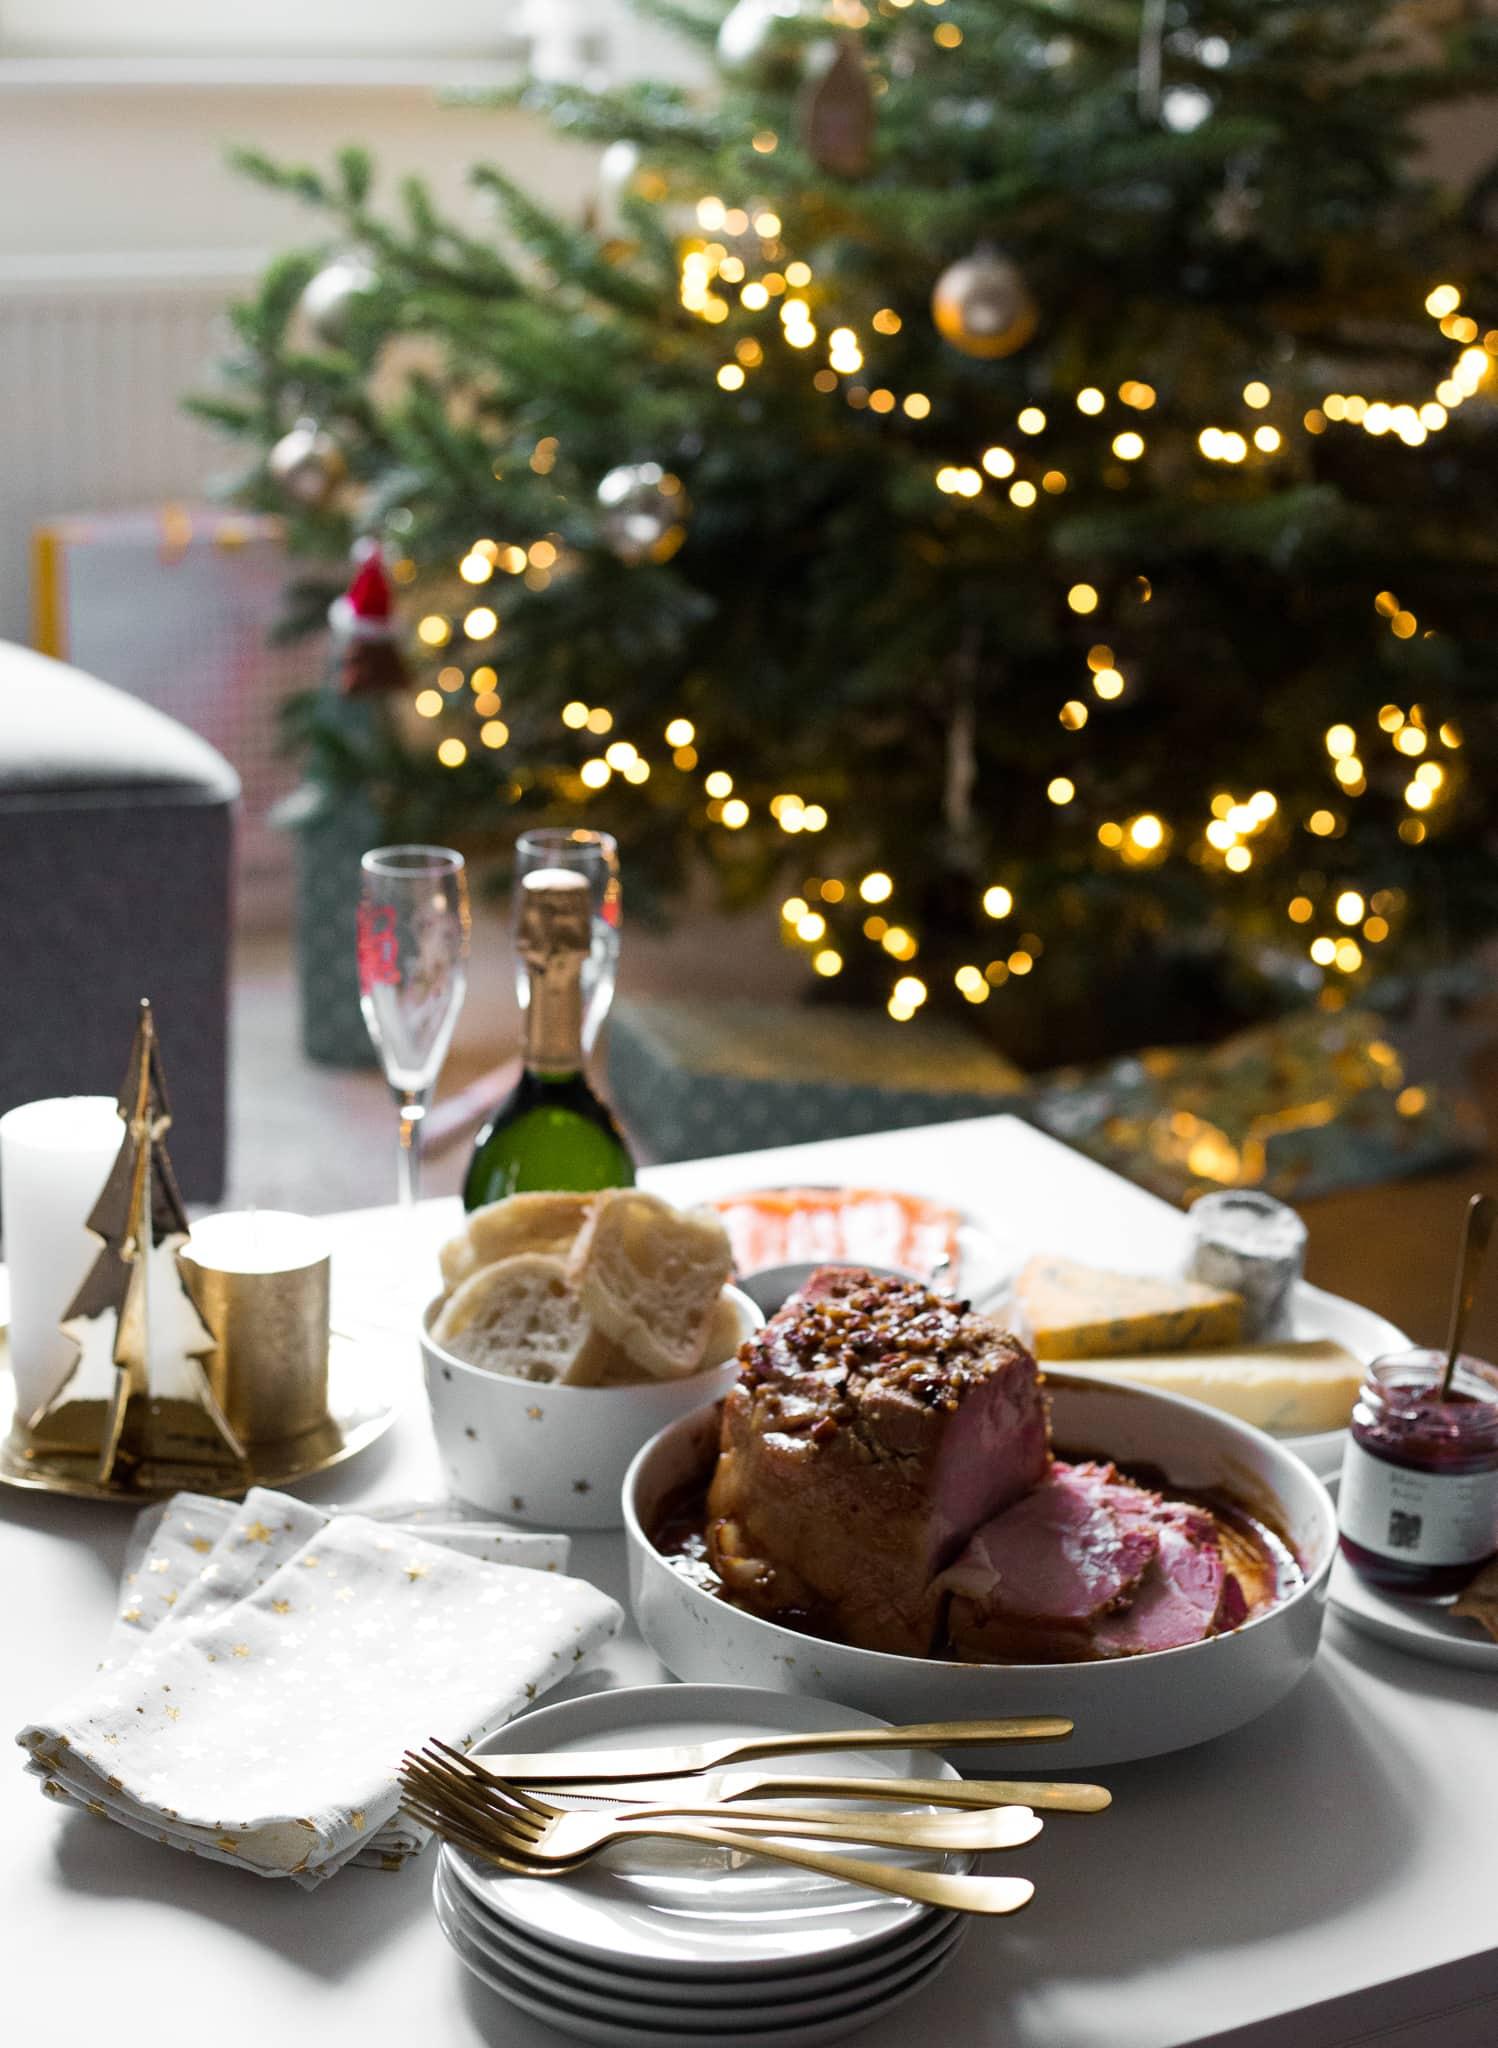 borrelen culinessa - Tip! Borrelen met de feestdagen in UK stijl